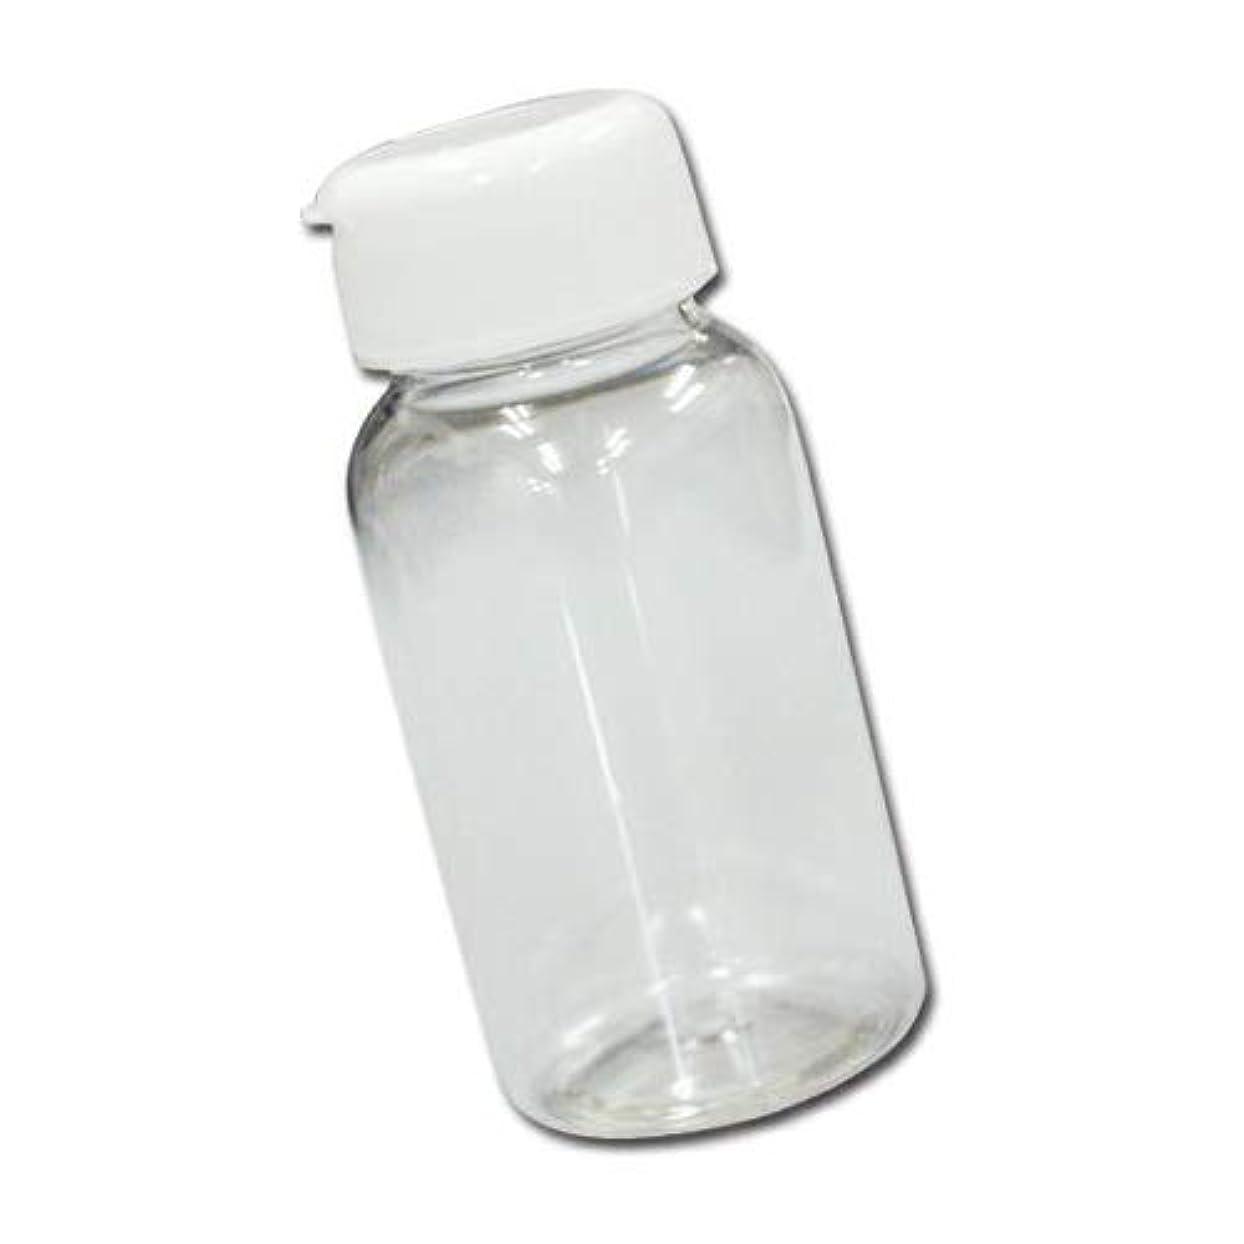 外向きペリスコープスキニーパウダー用詰め替え容器200mlボトル│業務用マッサージパウダーや調味料の小分けに最適な穴あき詰め替えボトル